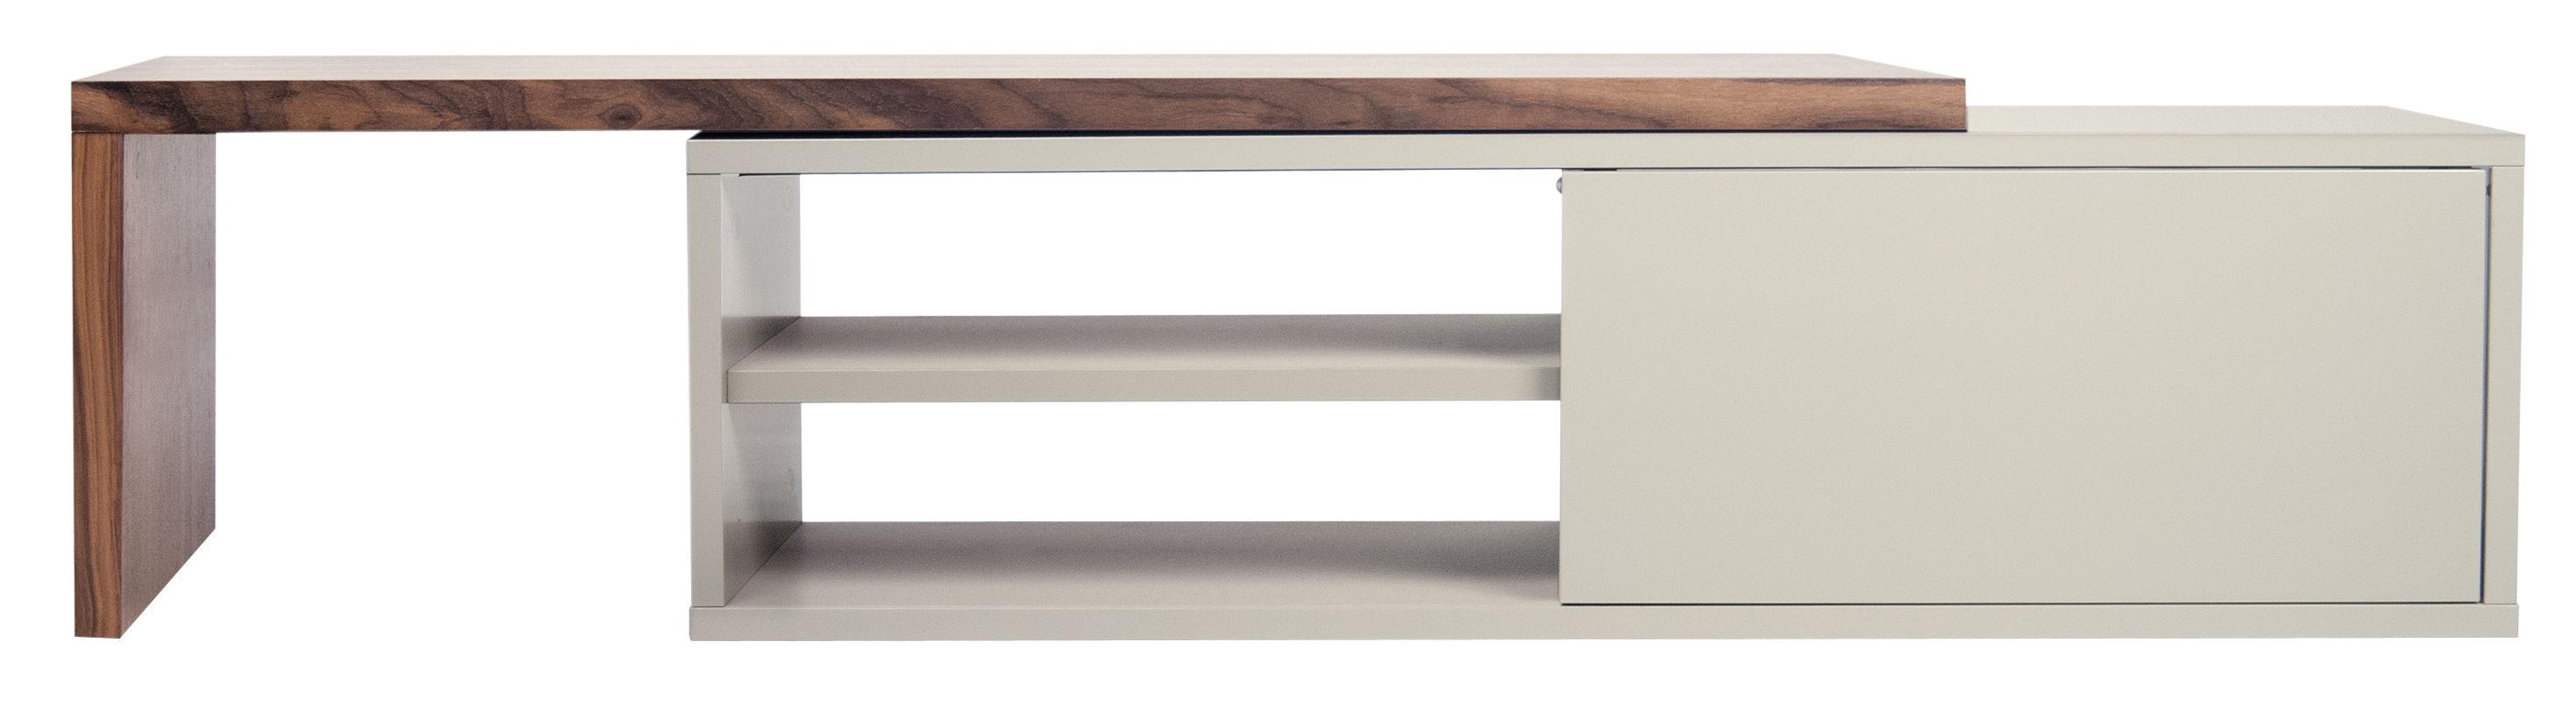 Mobilier - Meubles TV - Meuble TV extensible Slide / Pivotant - L 110 à 203 cm - POP UP HOME - Gris / Noyer - Panneaux d'aggloméré peint, Placage  noyer